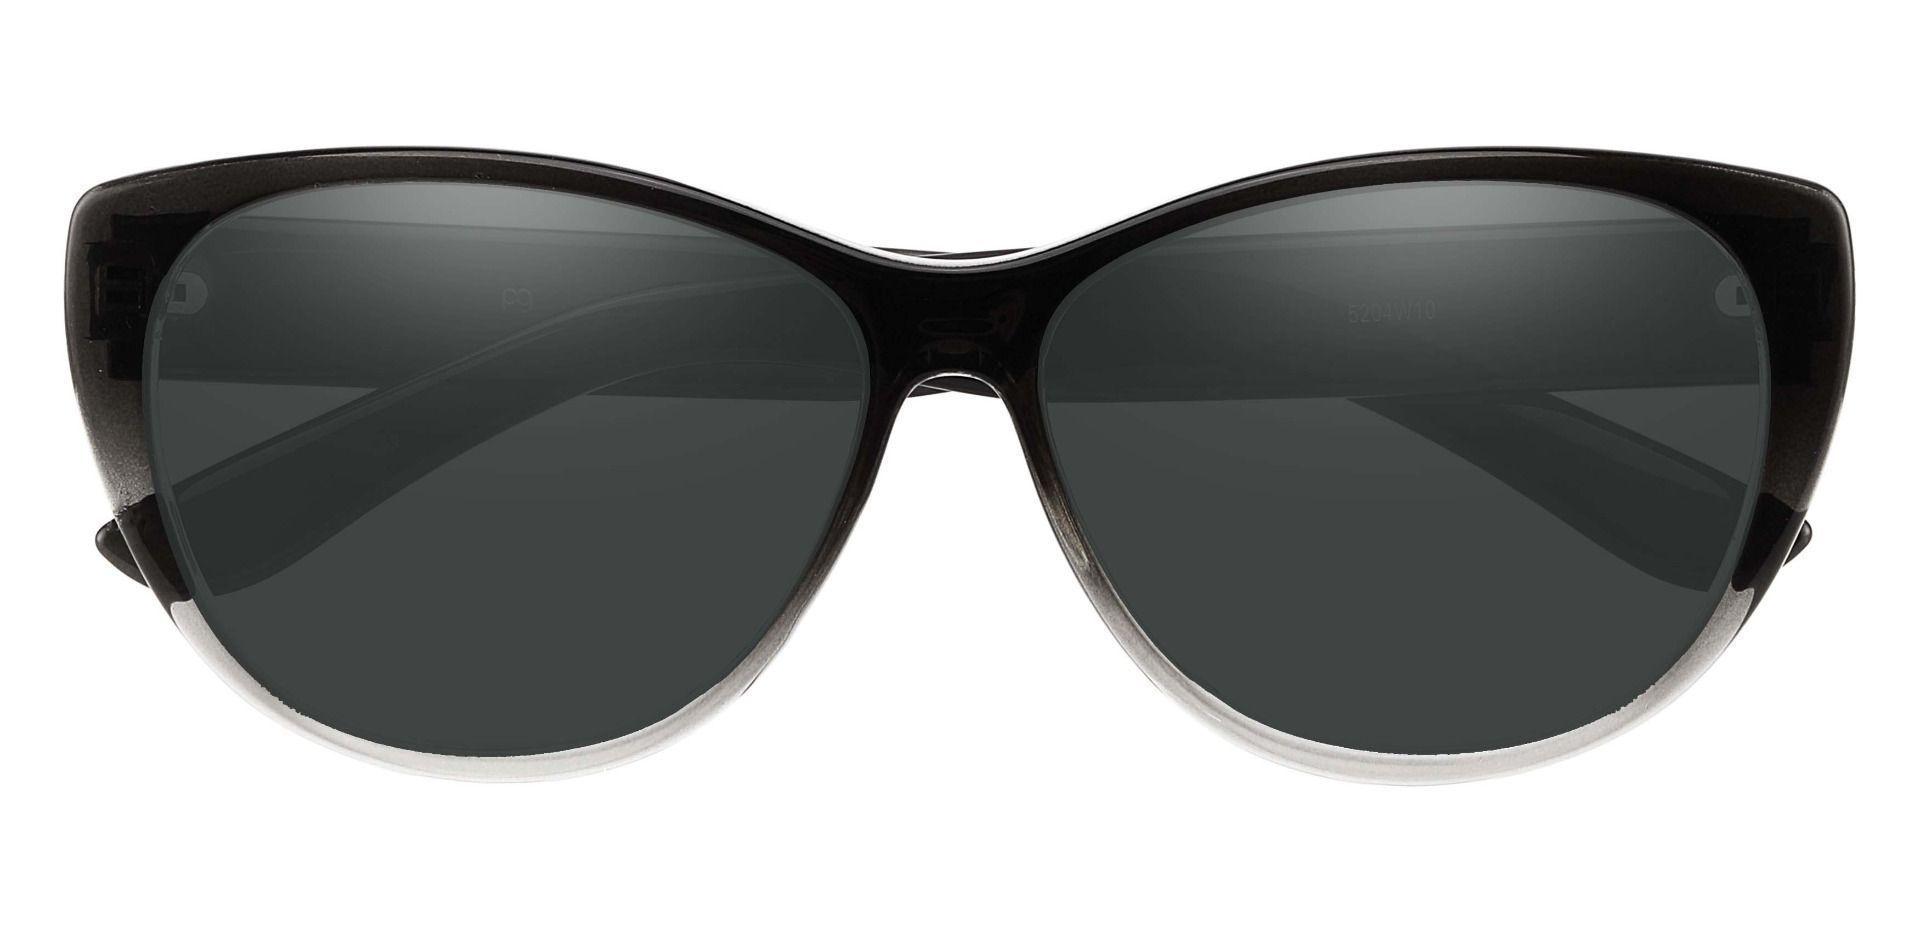 Lynn Cat-Eye Prescription Sunglasses - Gray Frame With Gray Lenses